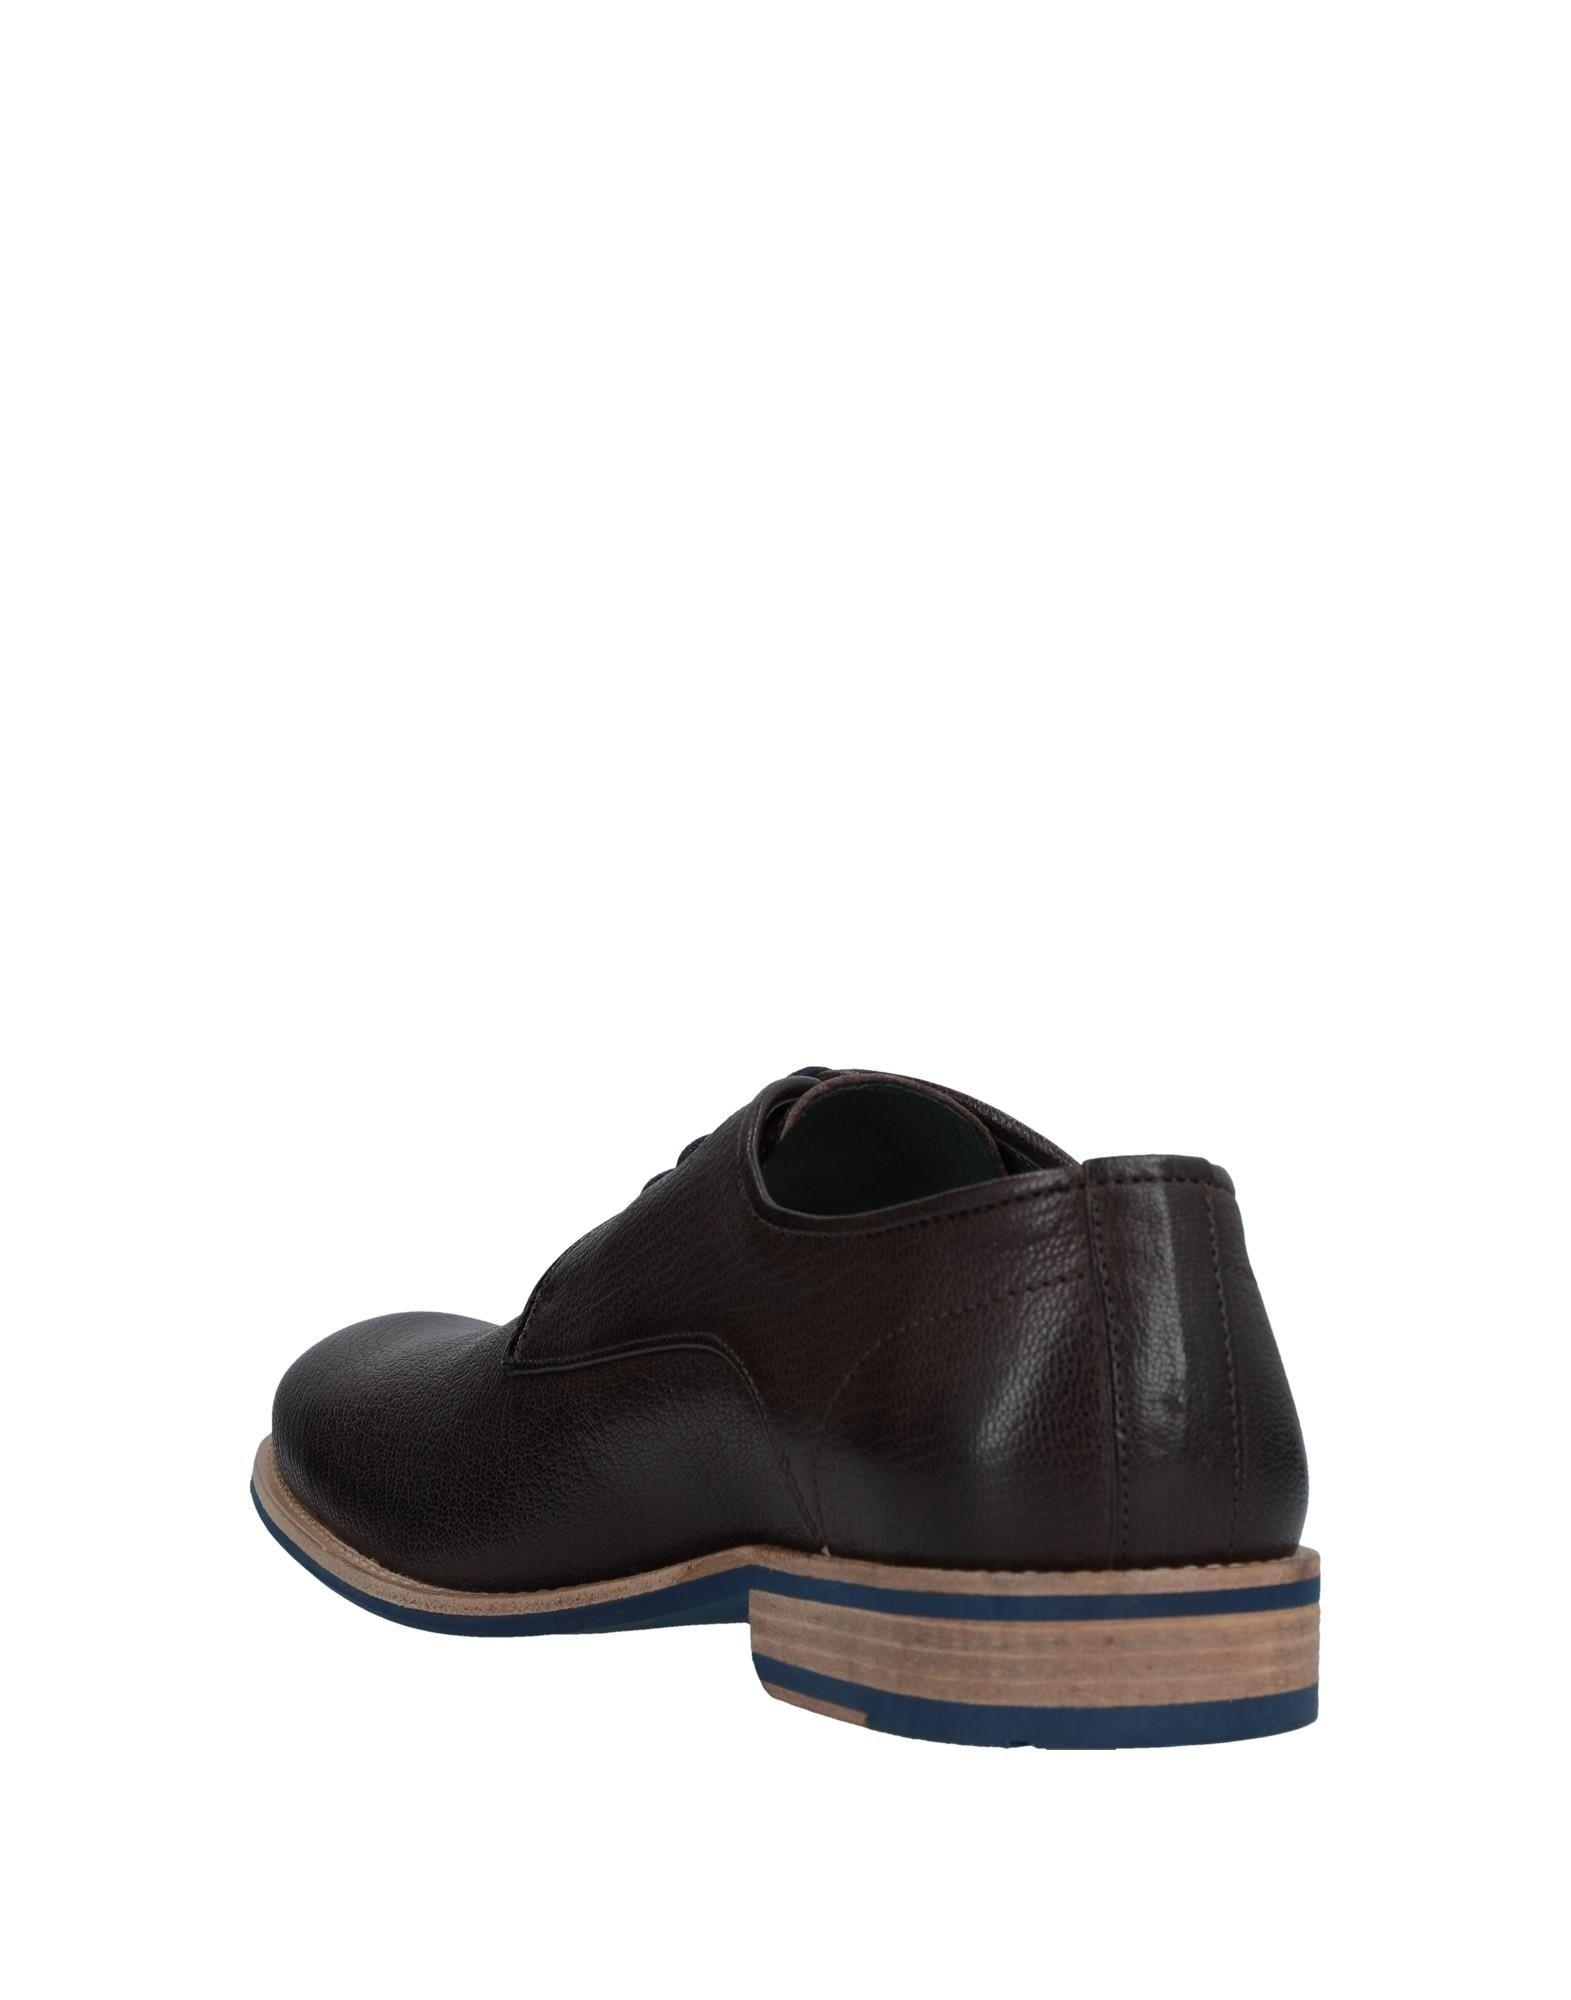 Rabatt Herren echte Schuhe Exceed Schnürschuhe Herren Rabatt  11521581MS d0198f